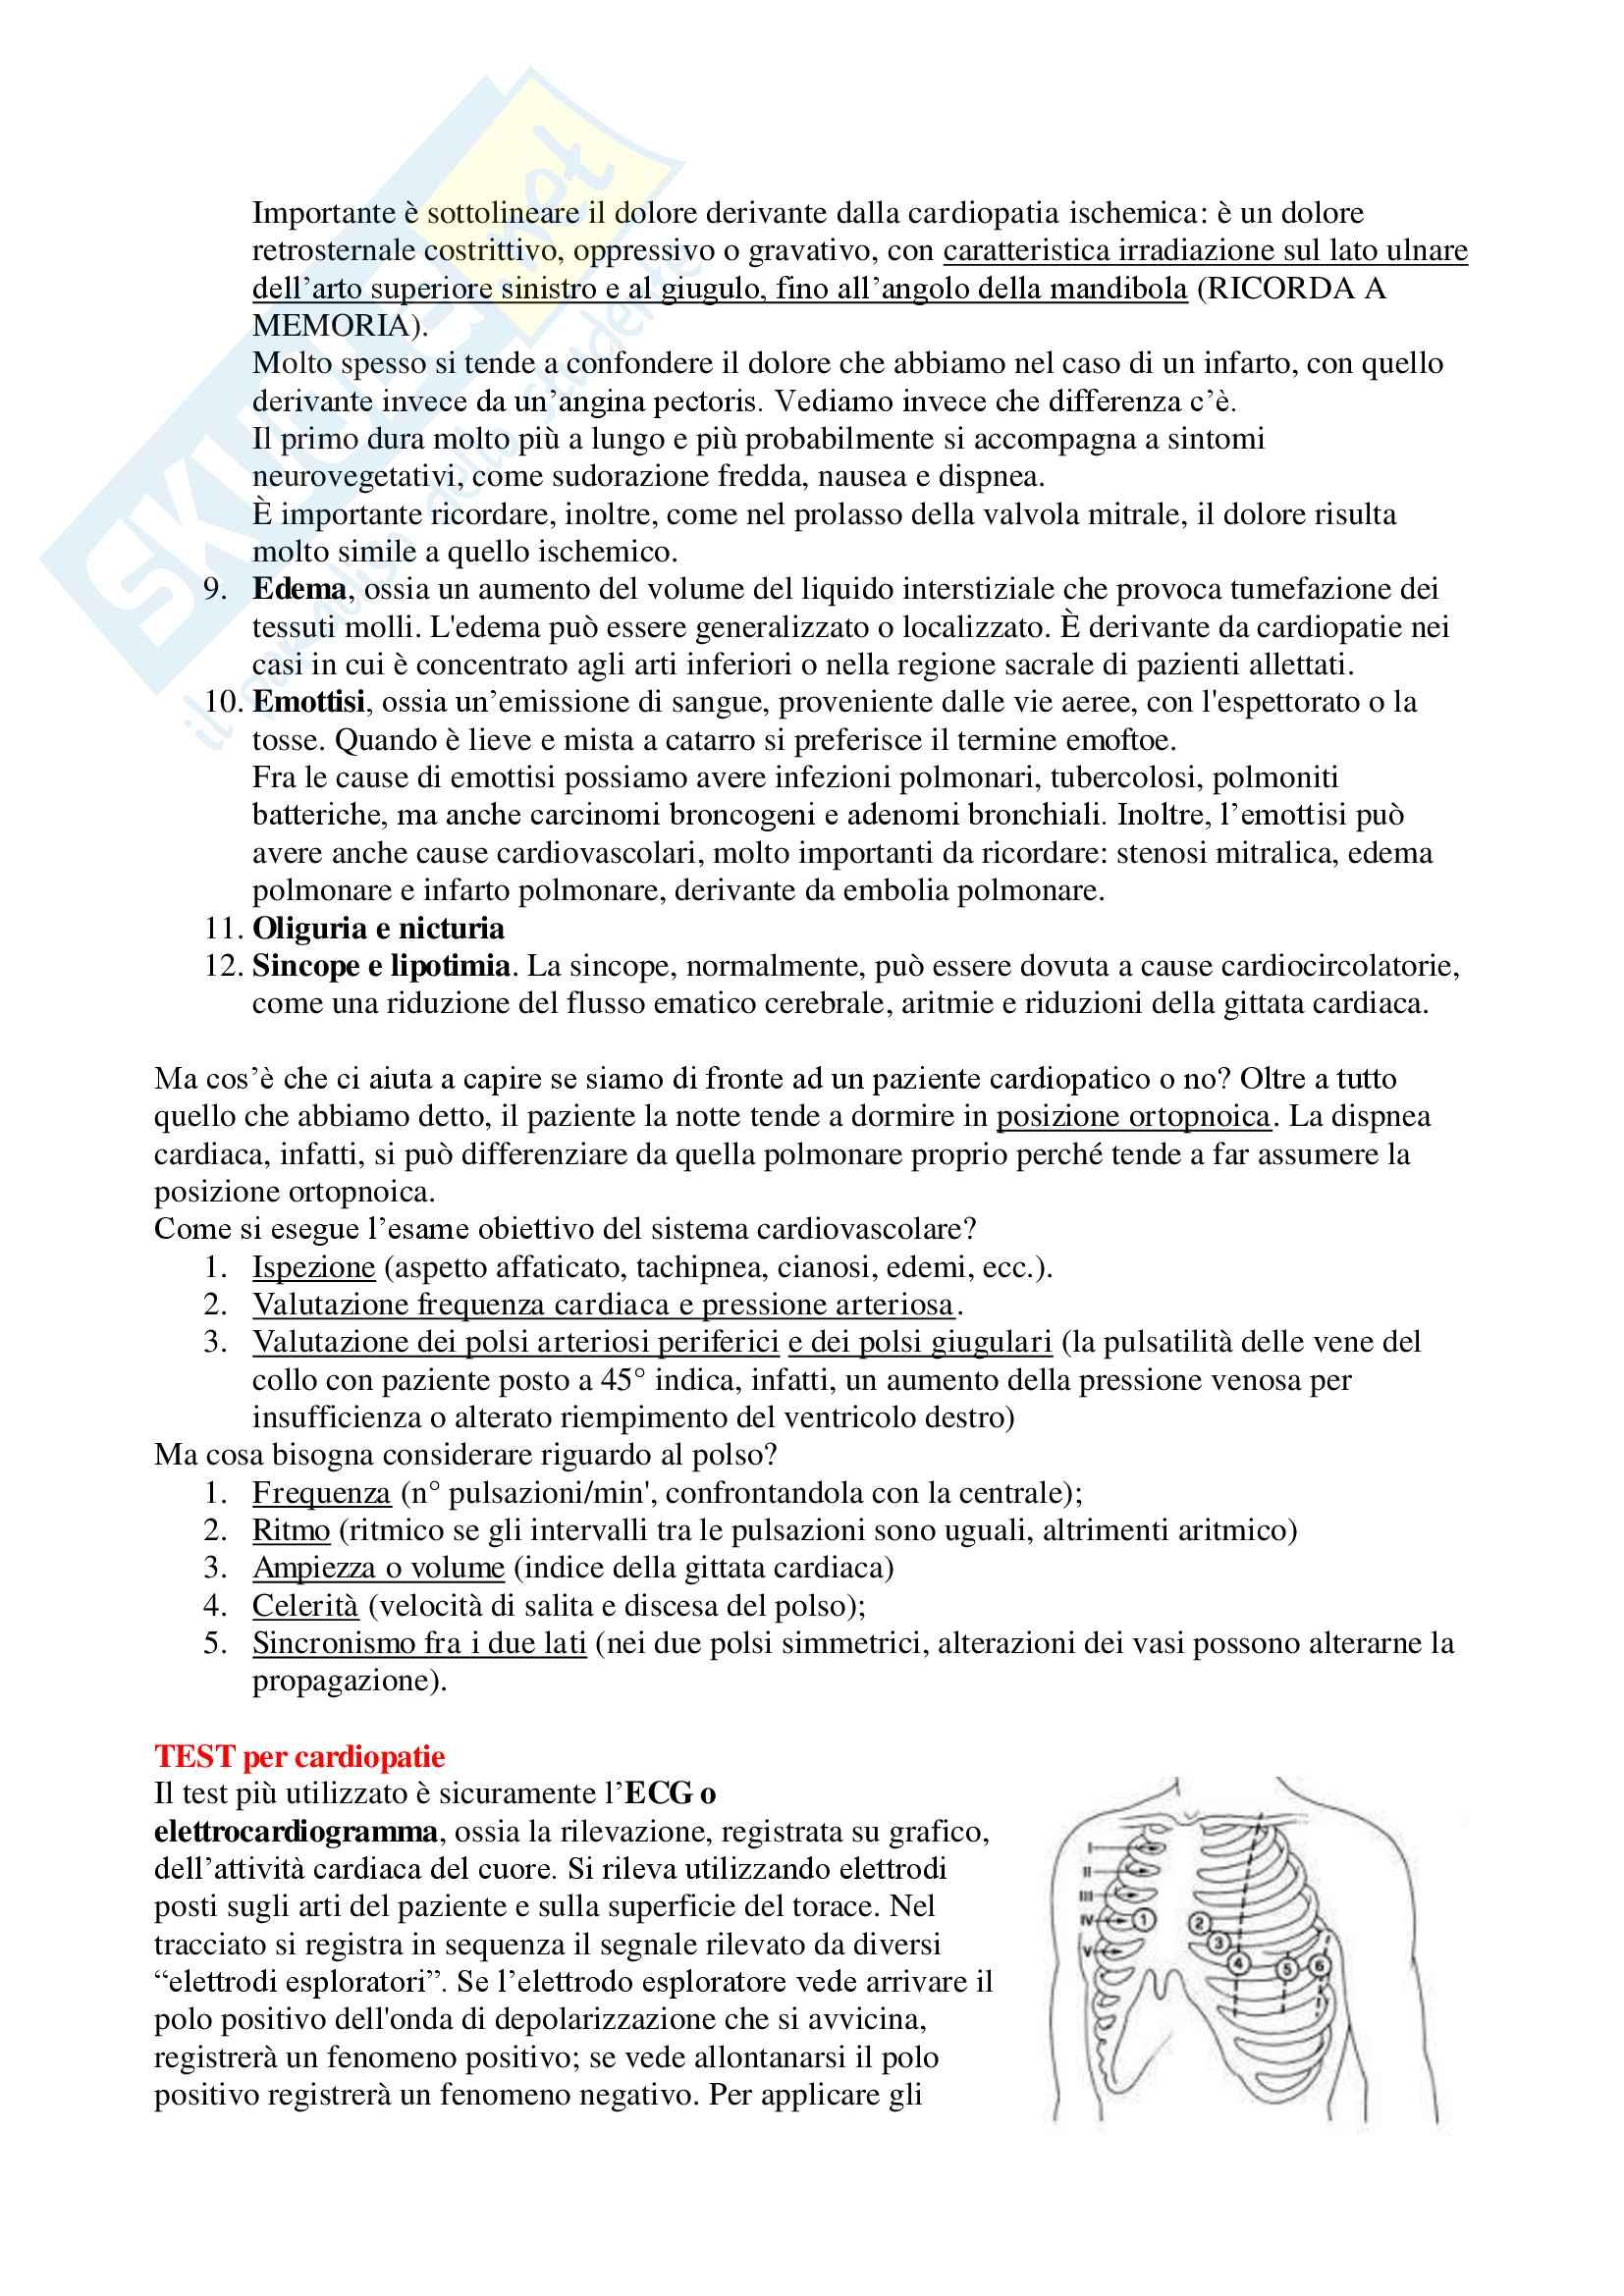 Medicina Interna (Patologie Apparato Cardiovascolare e Respiratorio) - Appunti Completi Pag. 6